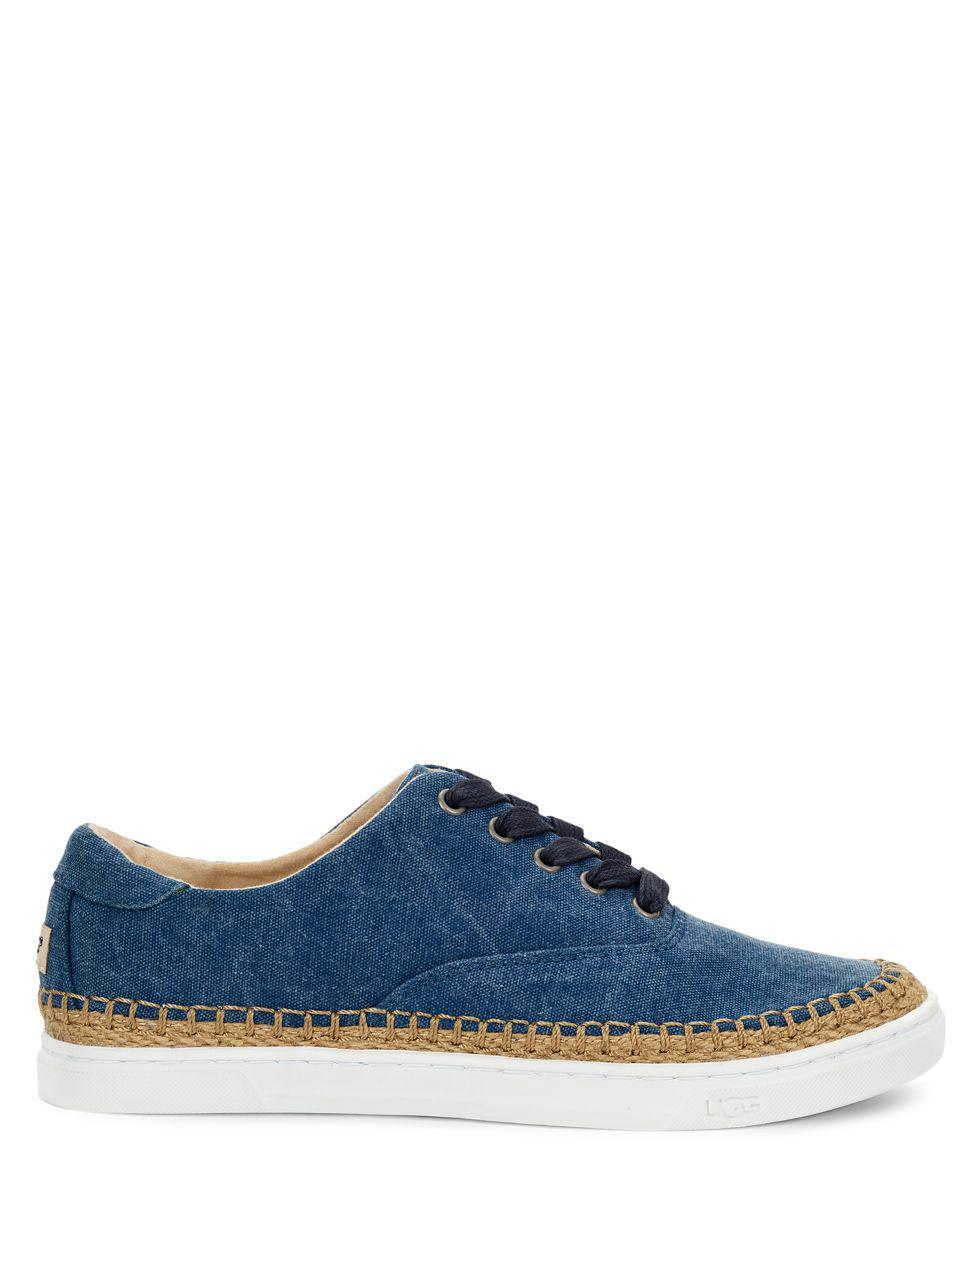 40d27ed6ecc Lyst - UGG Eyan Ii Canvas Sneakers in Blue